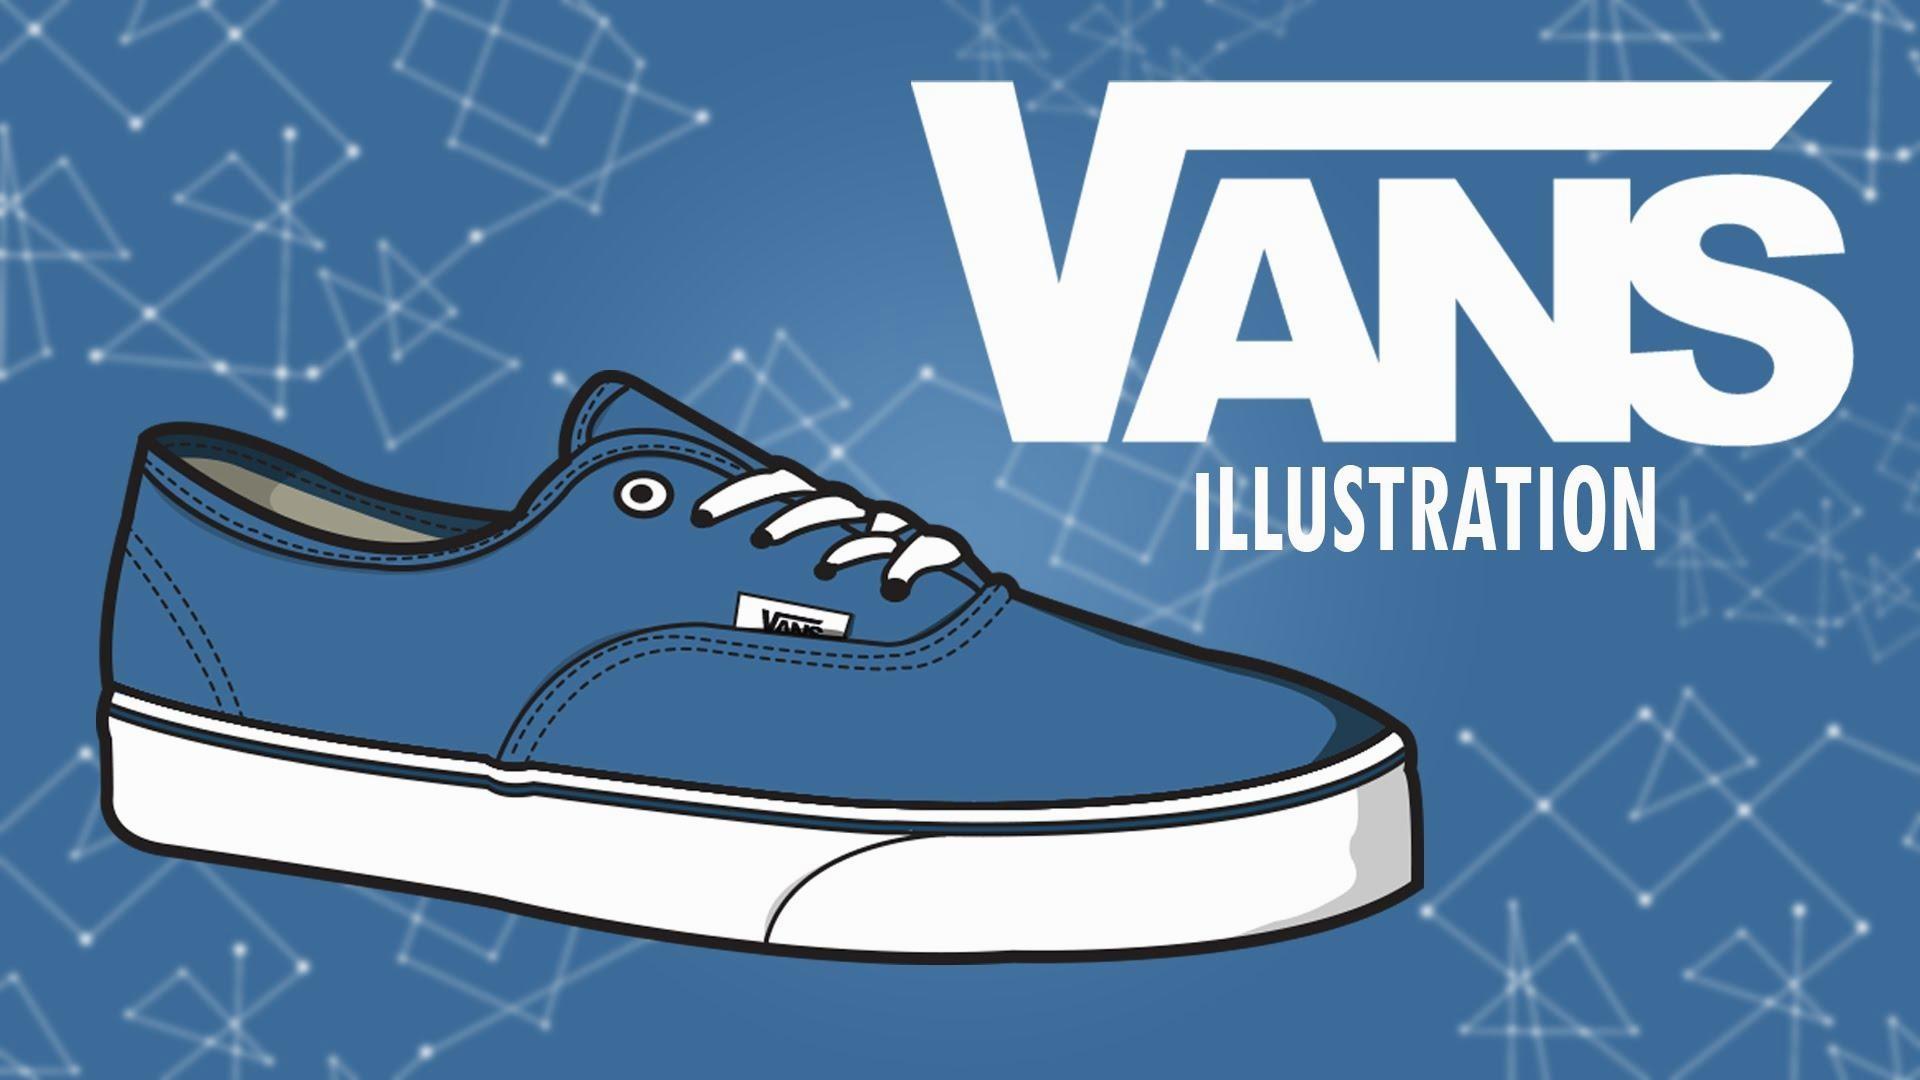 Desktop-Download-Shoes-Vans-Wallpaper-HD